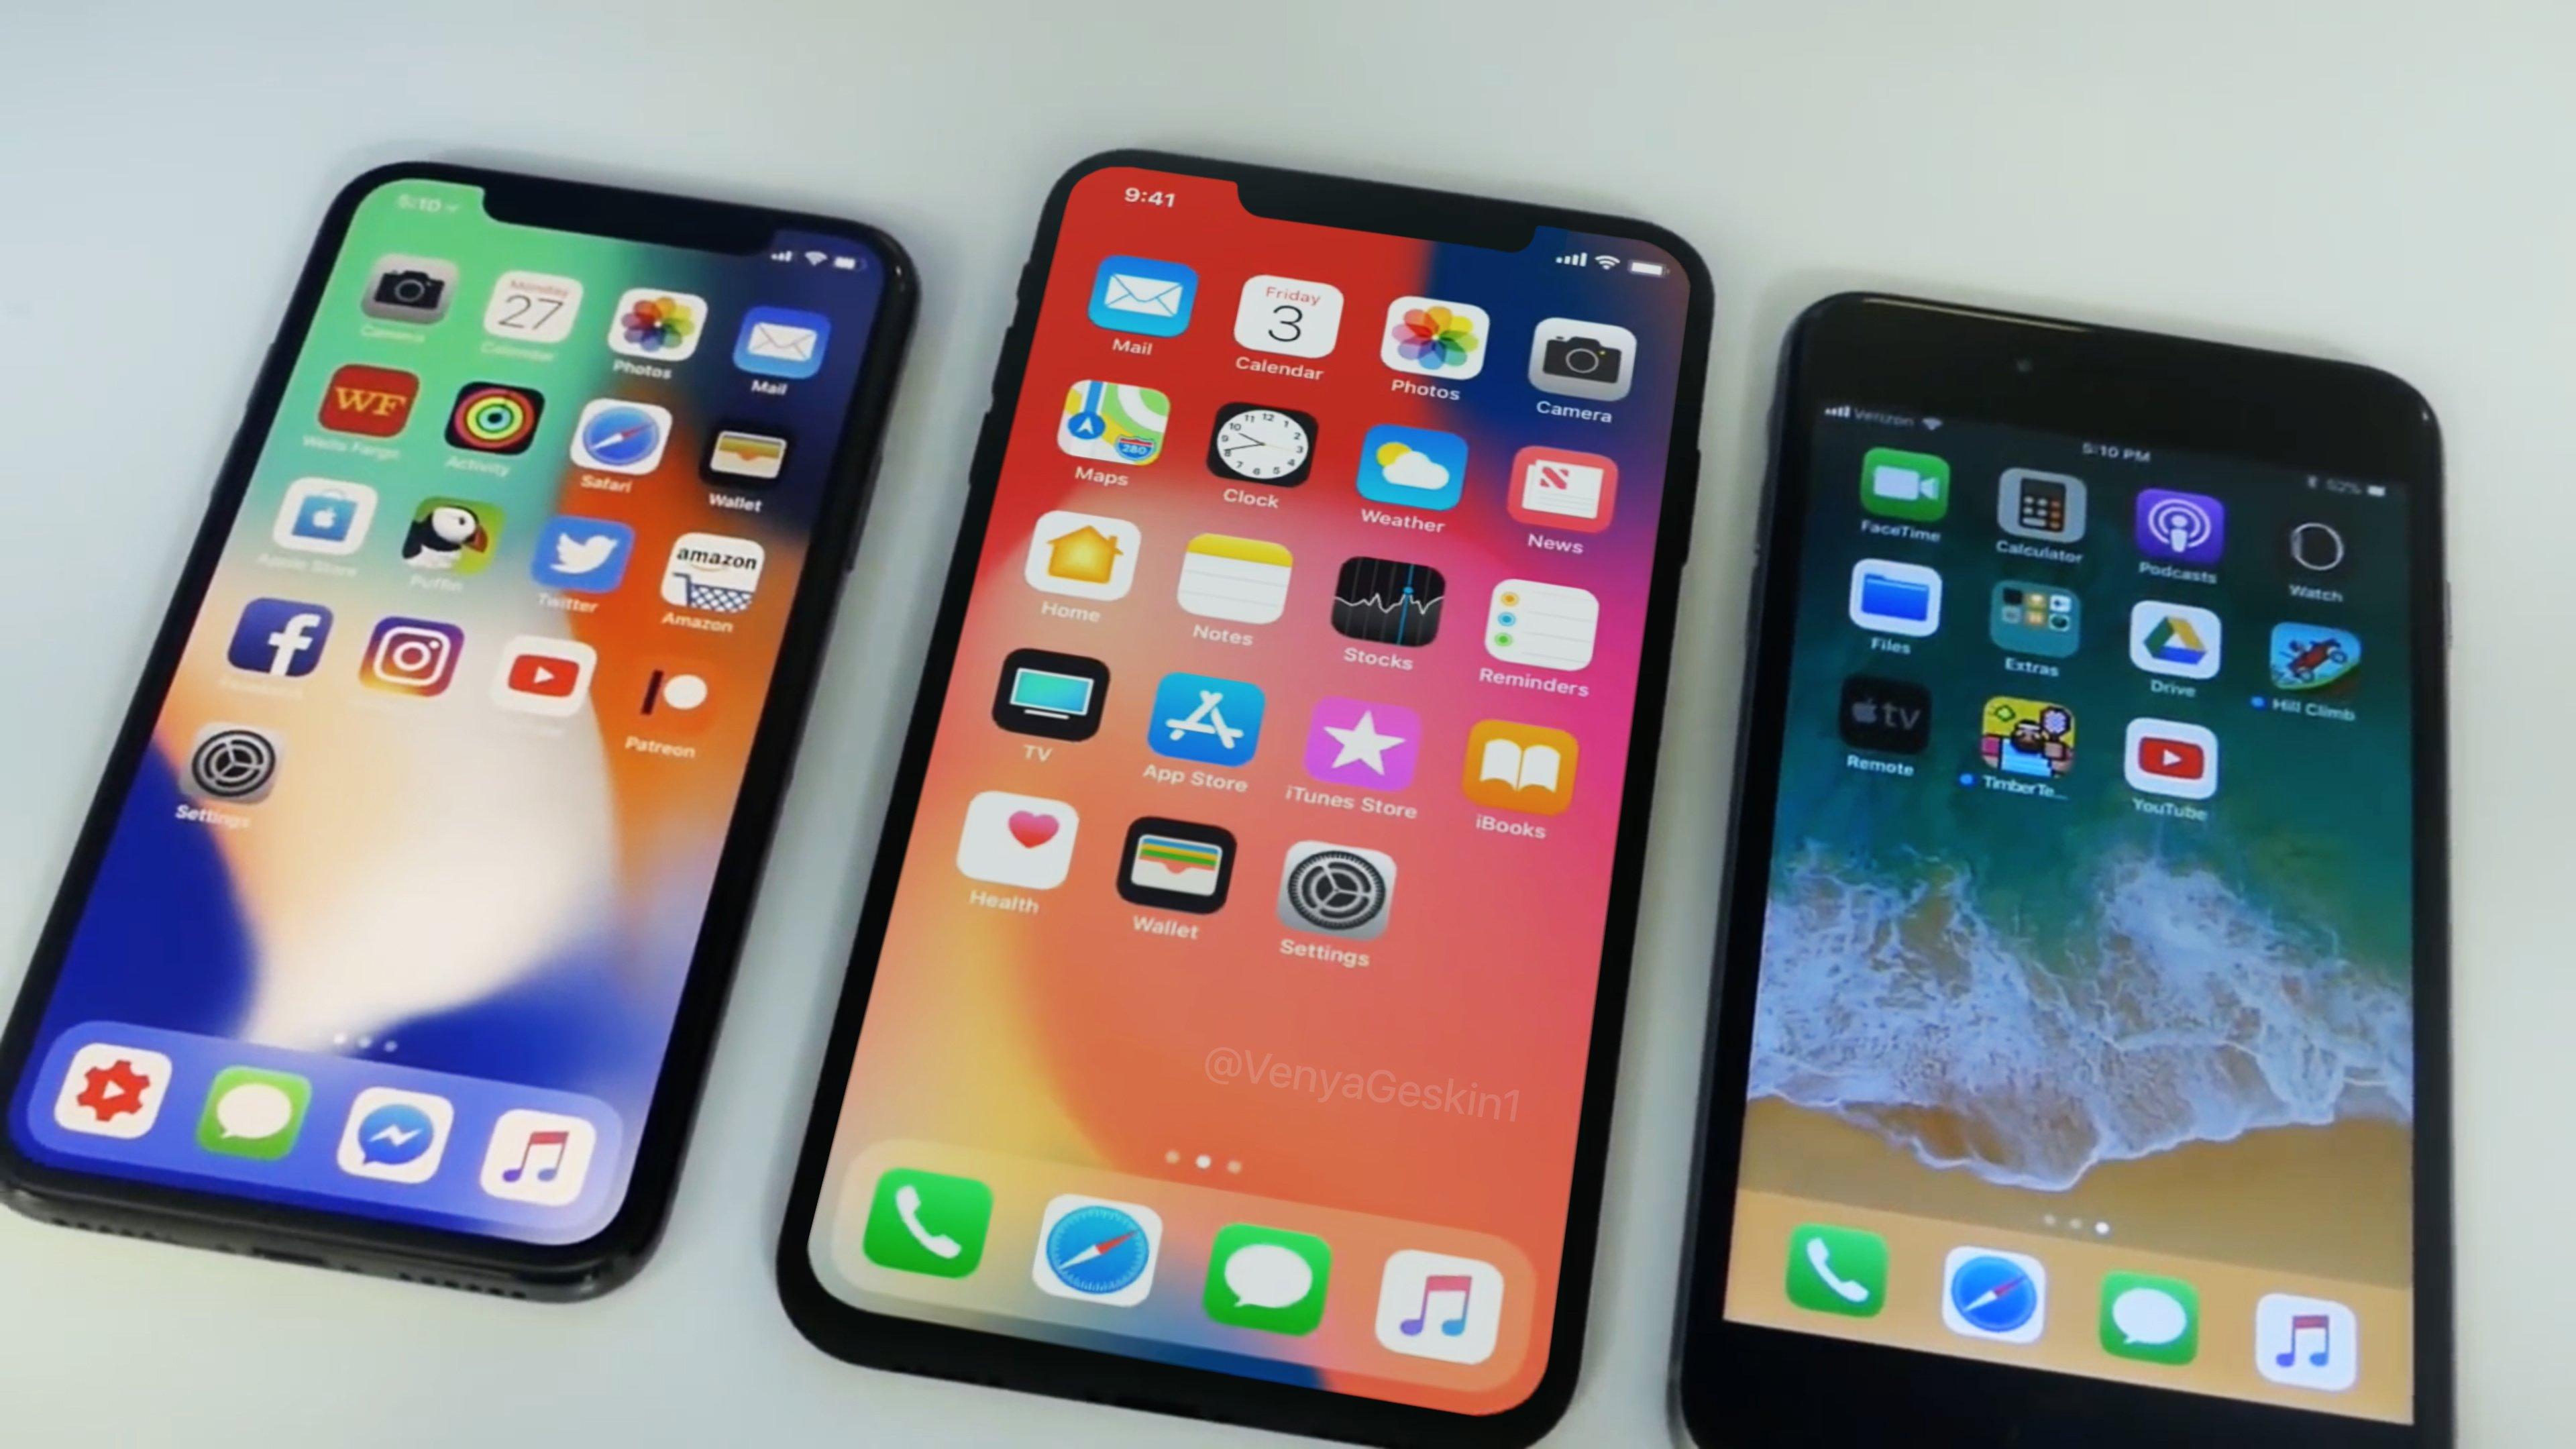 iPhone X Plus comparat iPhone X si iPhone 8 Plus